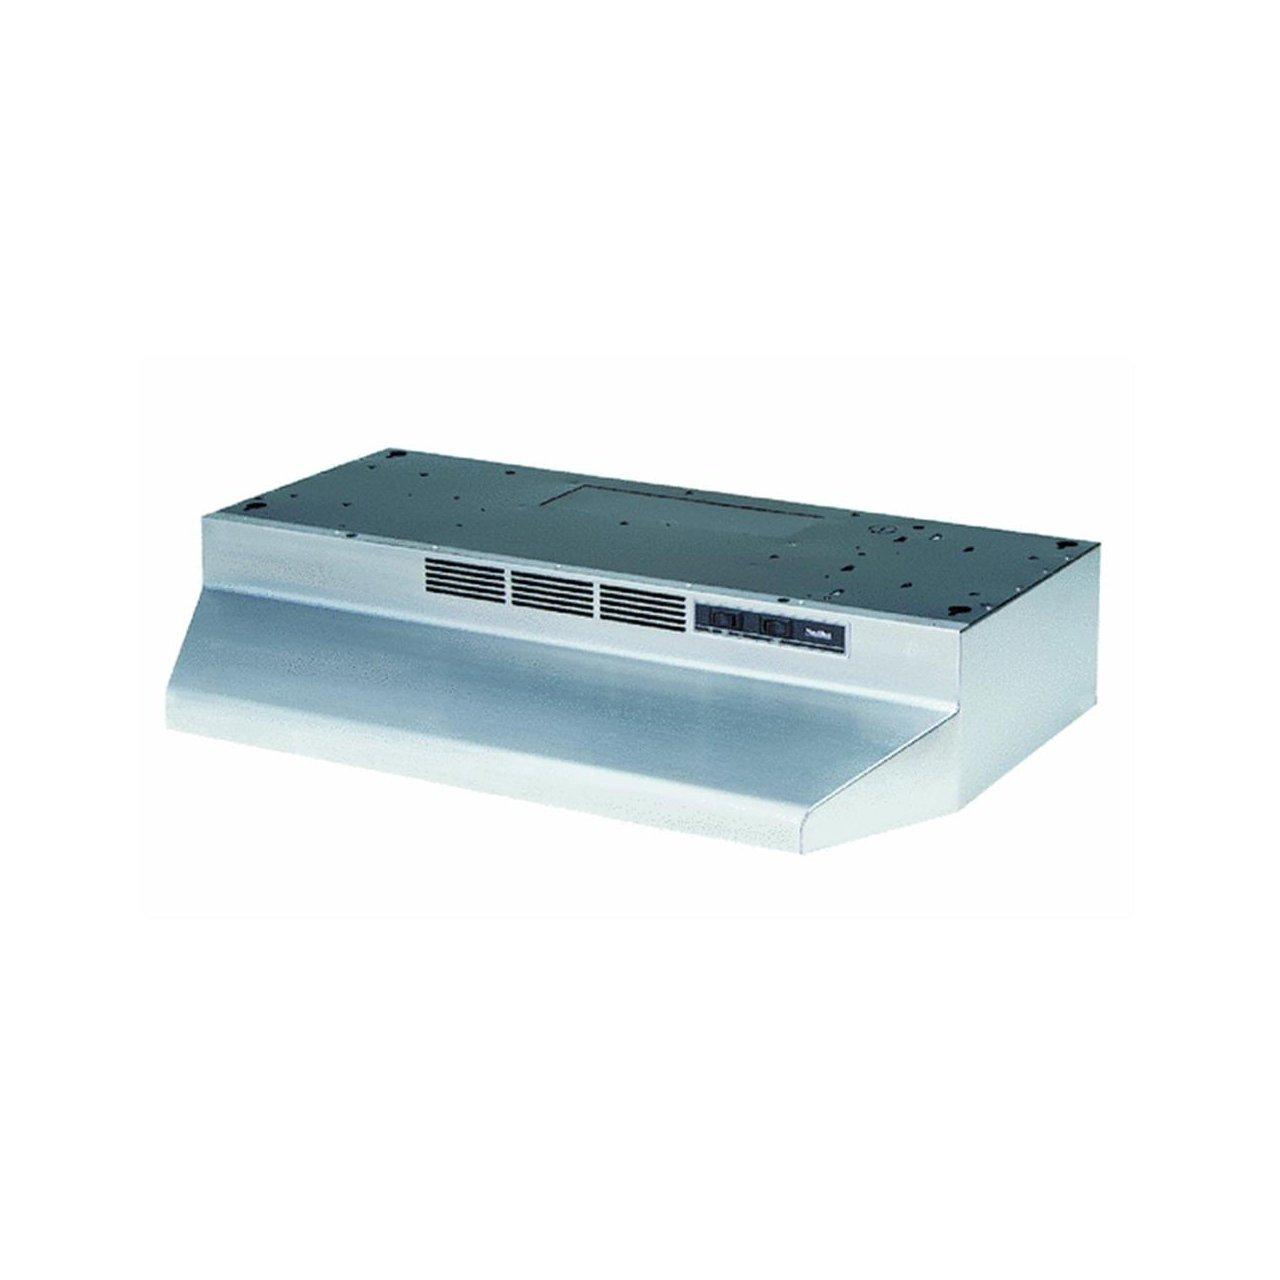 Broan-NuTone 413004 Range Hood, 30-Inch, Stainless Steel (Thrее Расk)